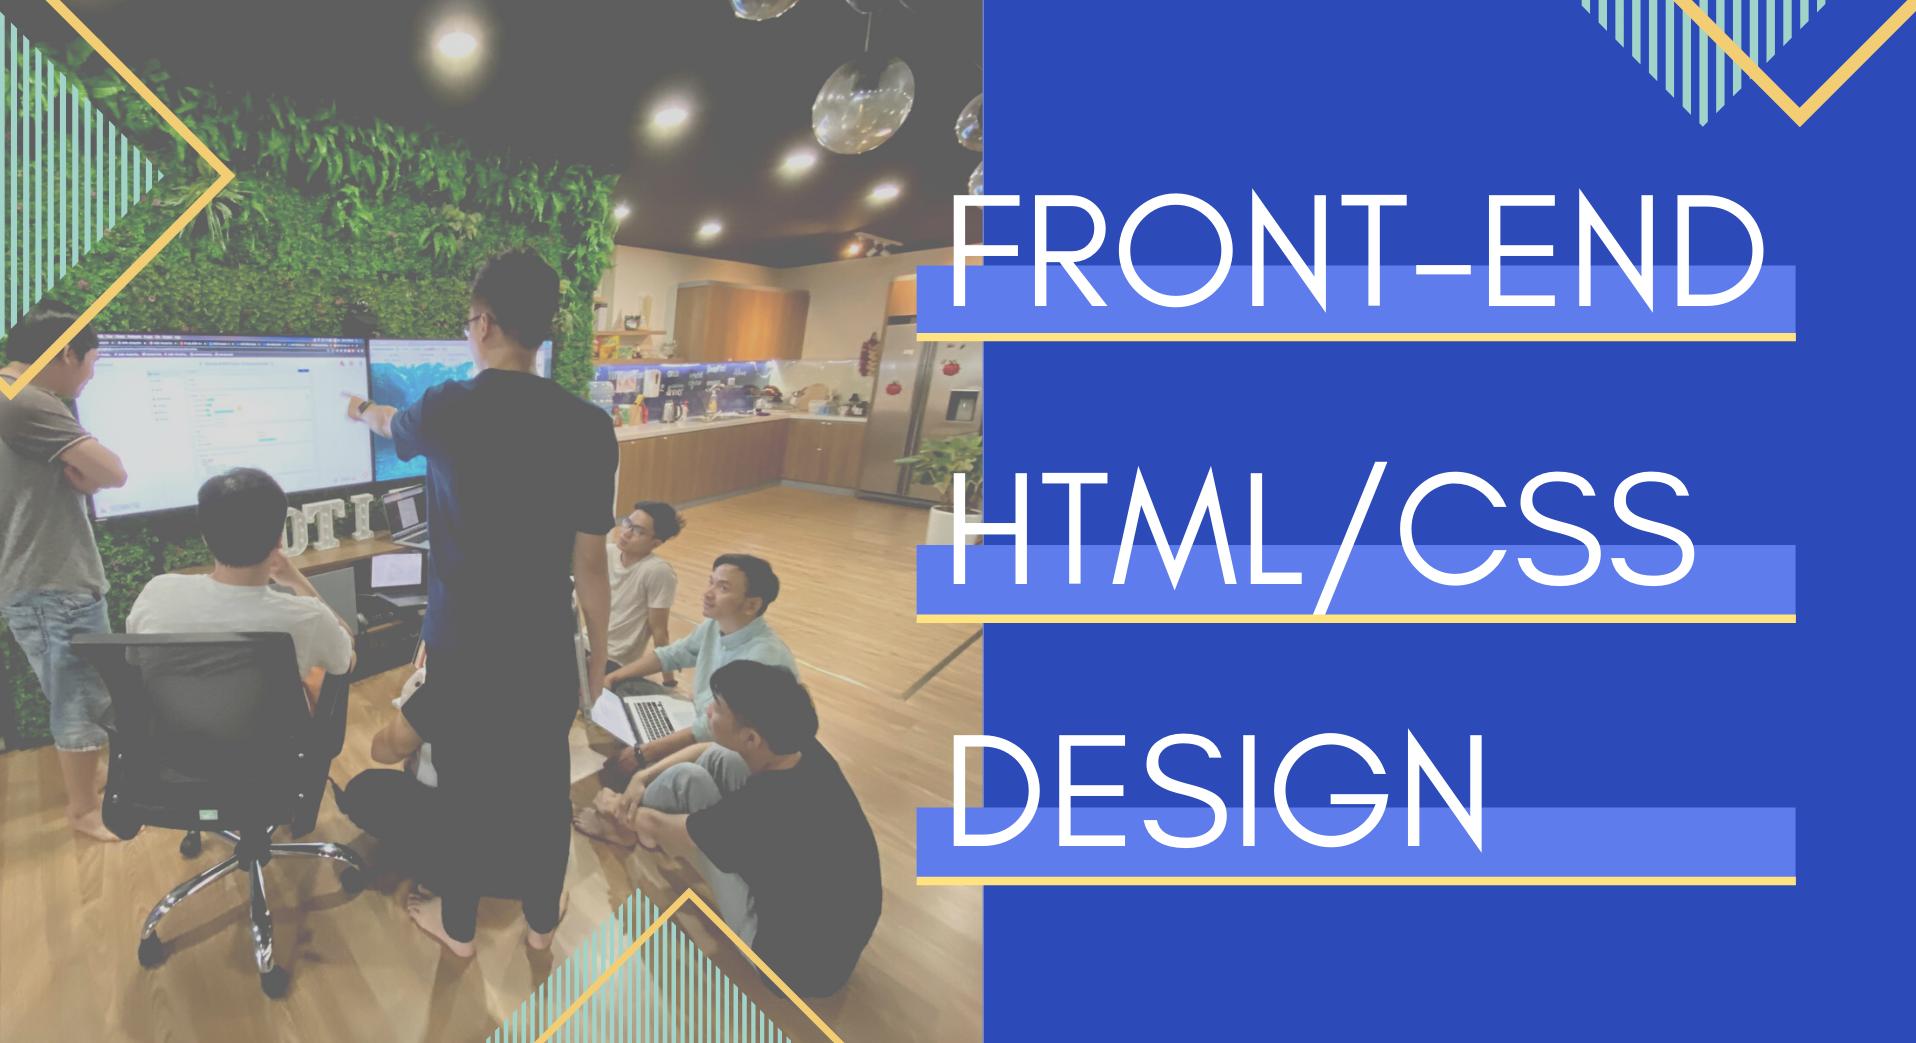 Sự kết hợp giữa Front-end, HTML/CSS và Design: Bí kíp cho một UI đẹp, thân thiện